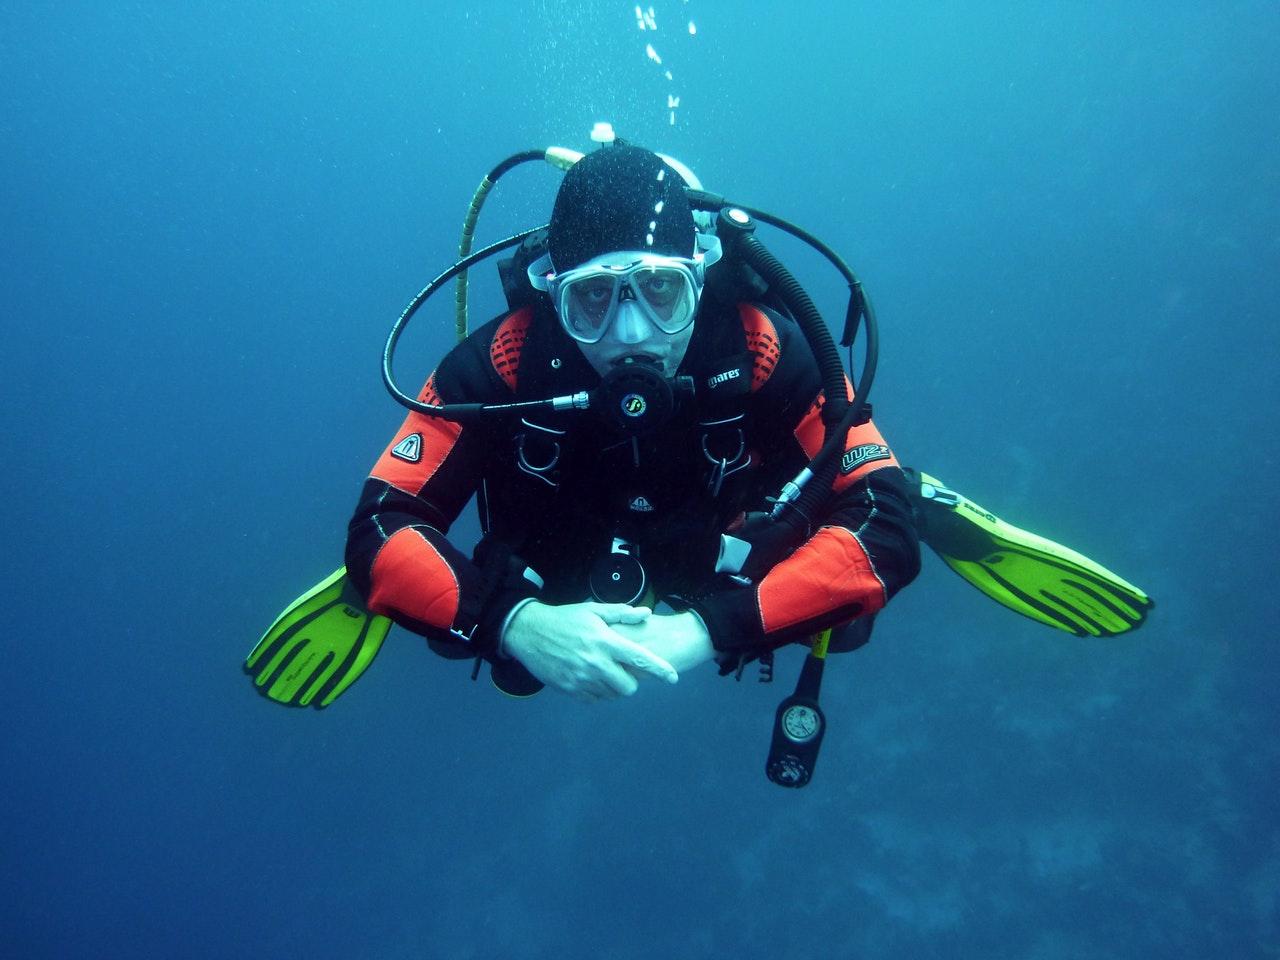 divers-scuba-divers-diving-underwater-37530